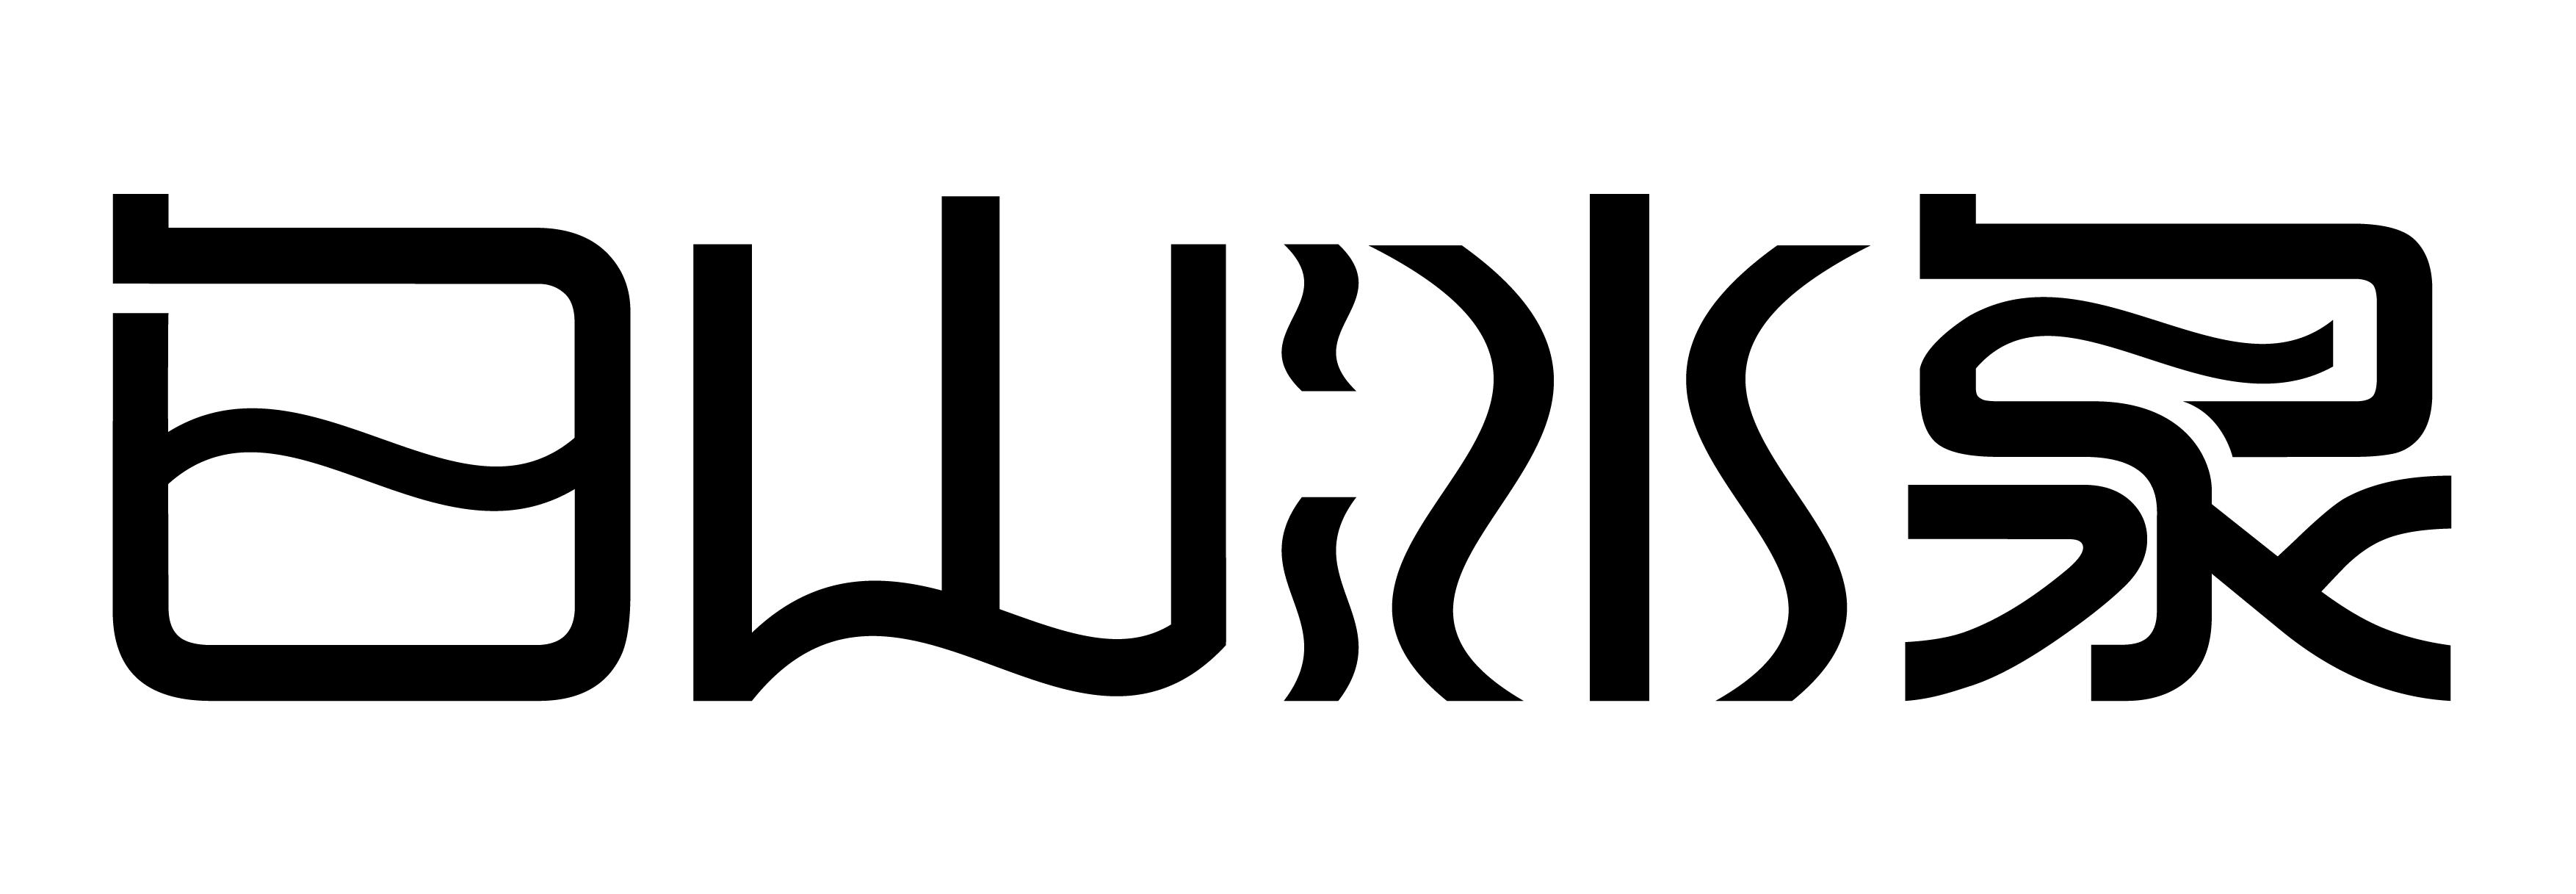 字体设计(一)图片